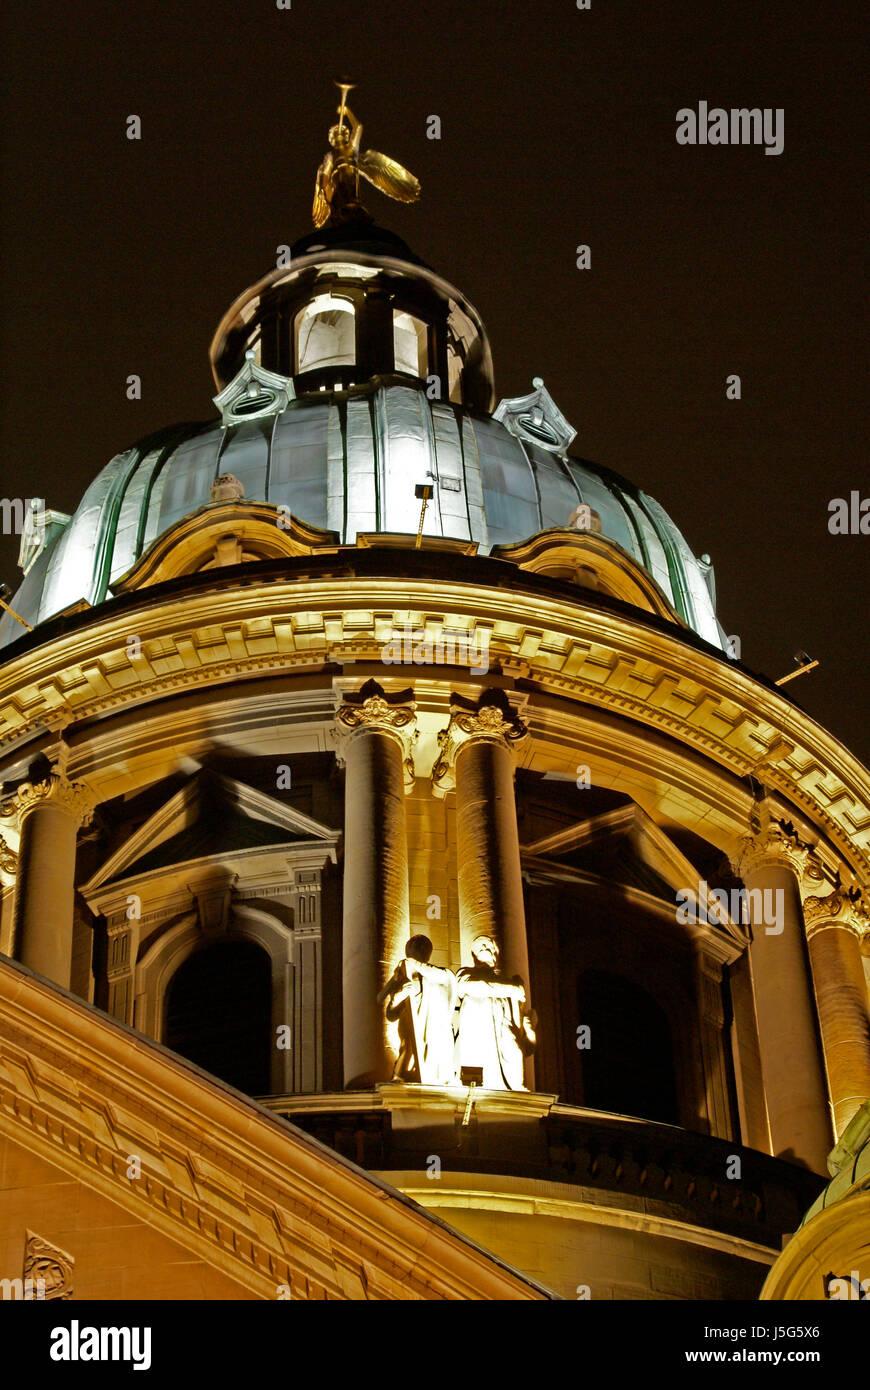 Kirche Stadt Stadt Romantik Stil der architektonischen Konstruktion Architektur Stockbild